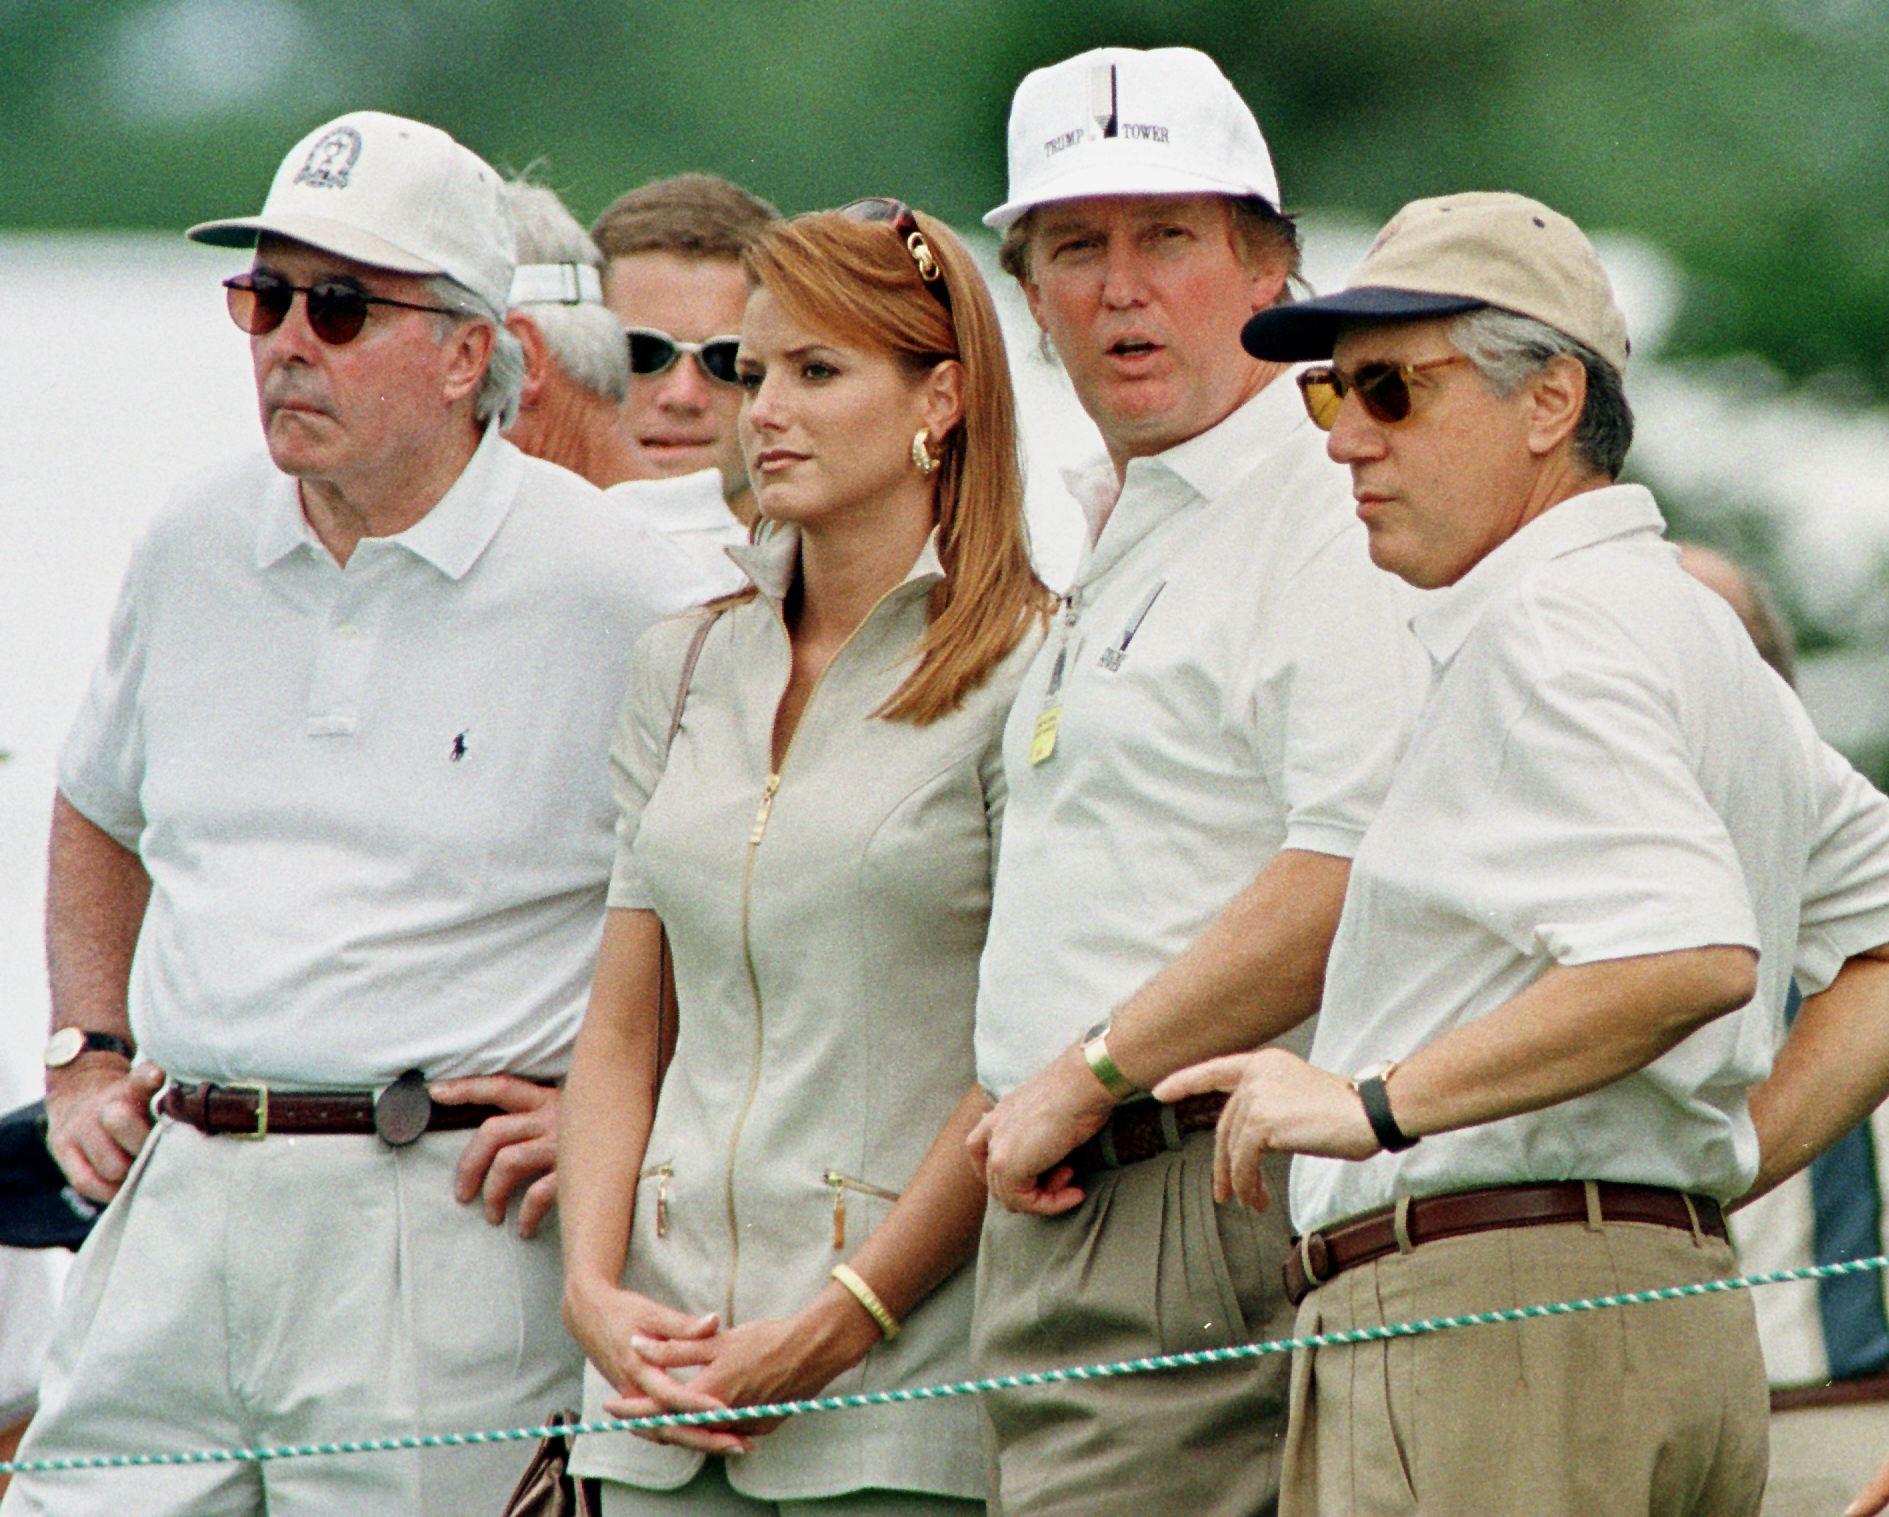 Donald Trump at PGA Championships